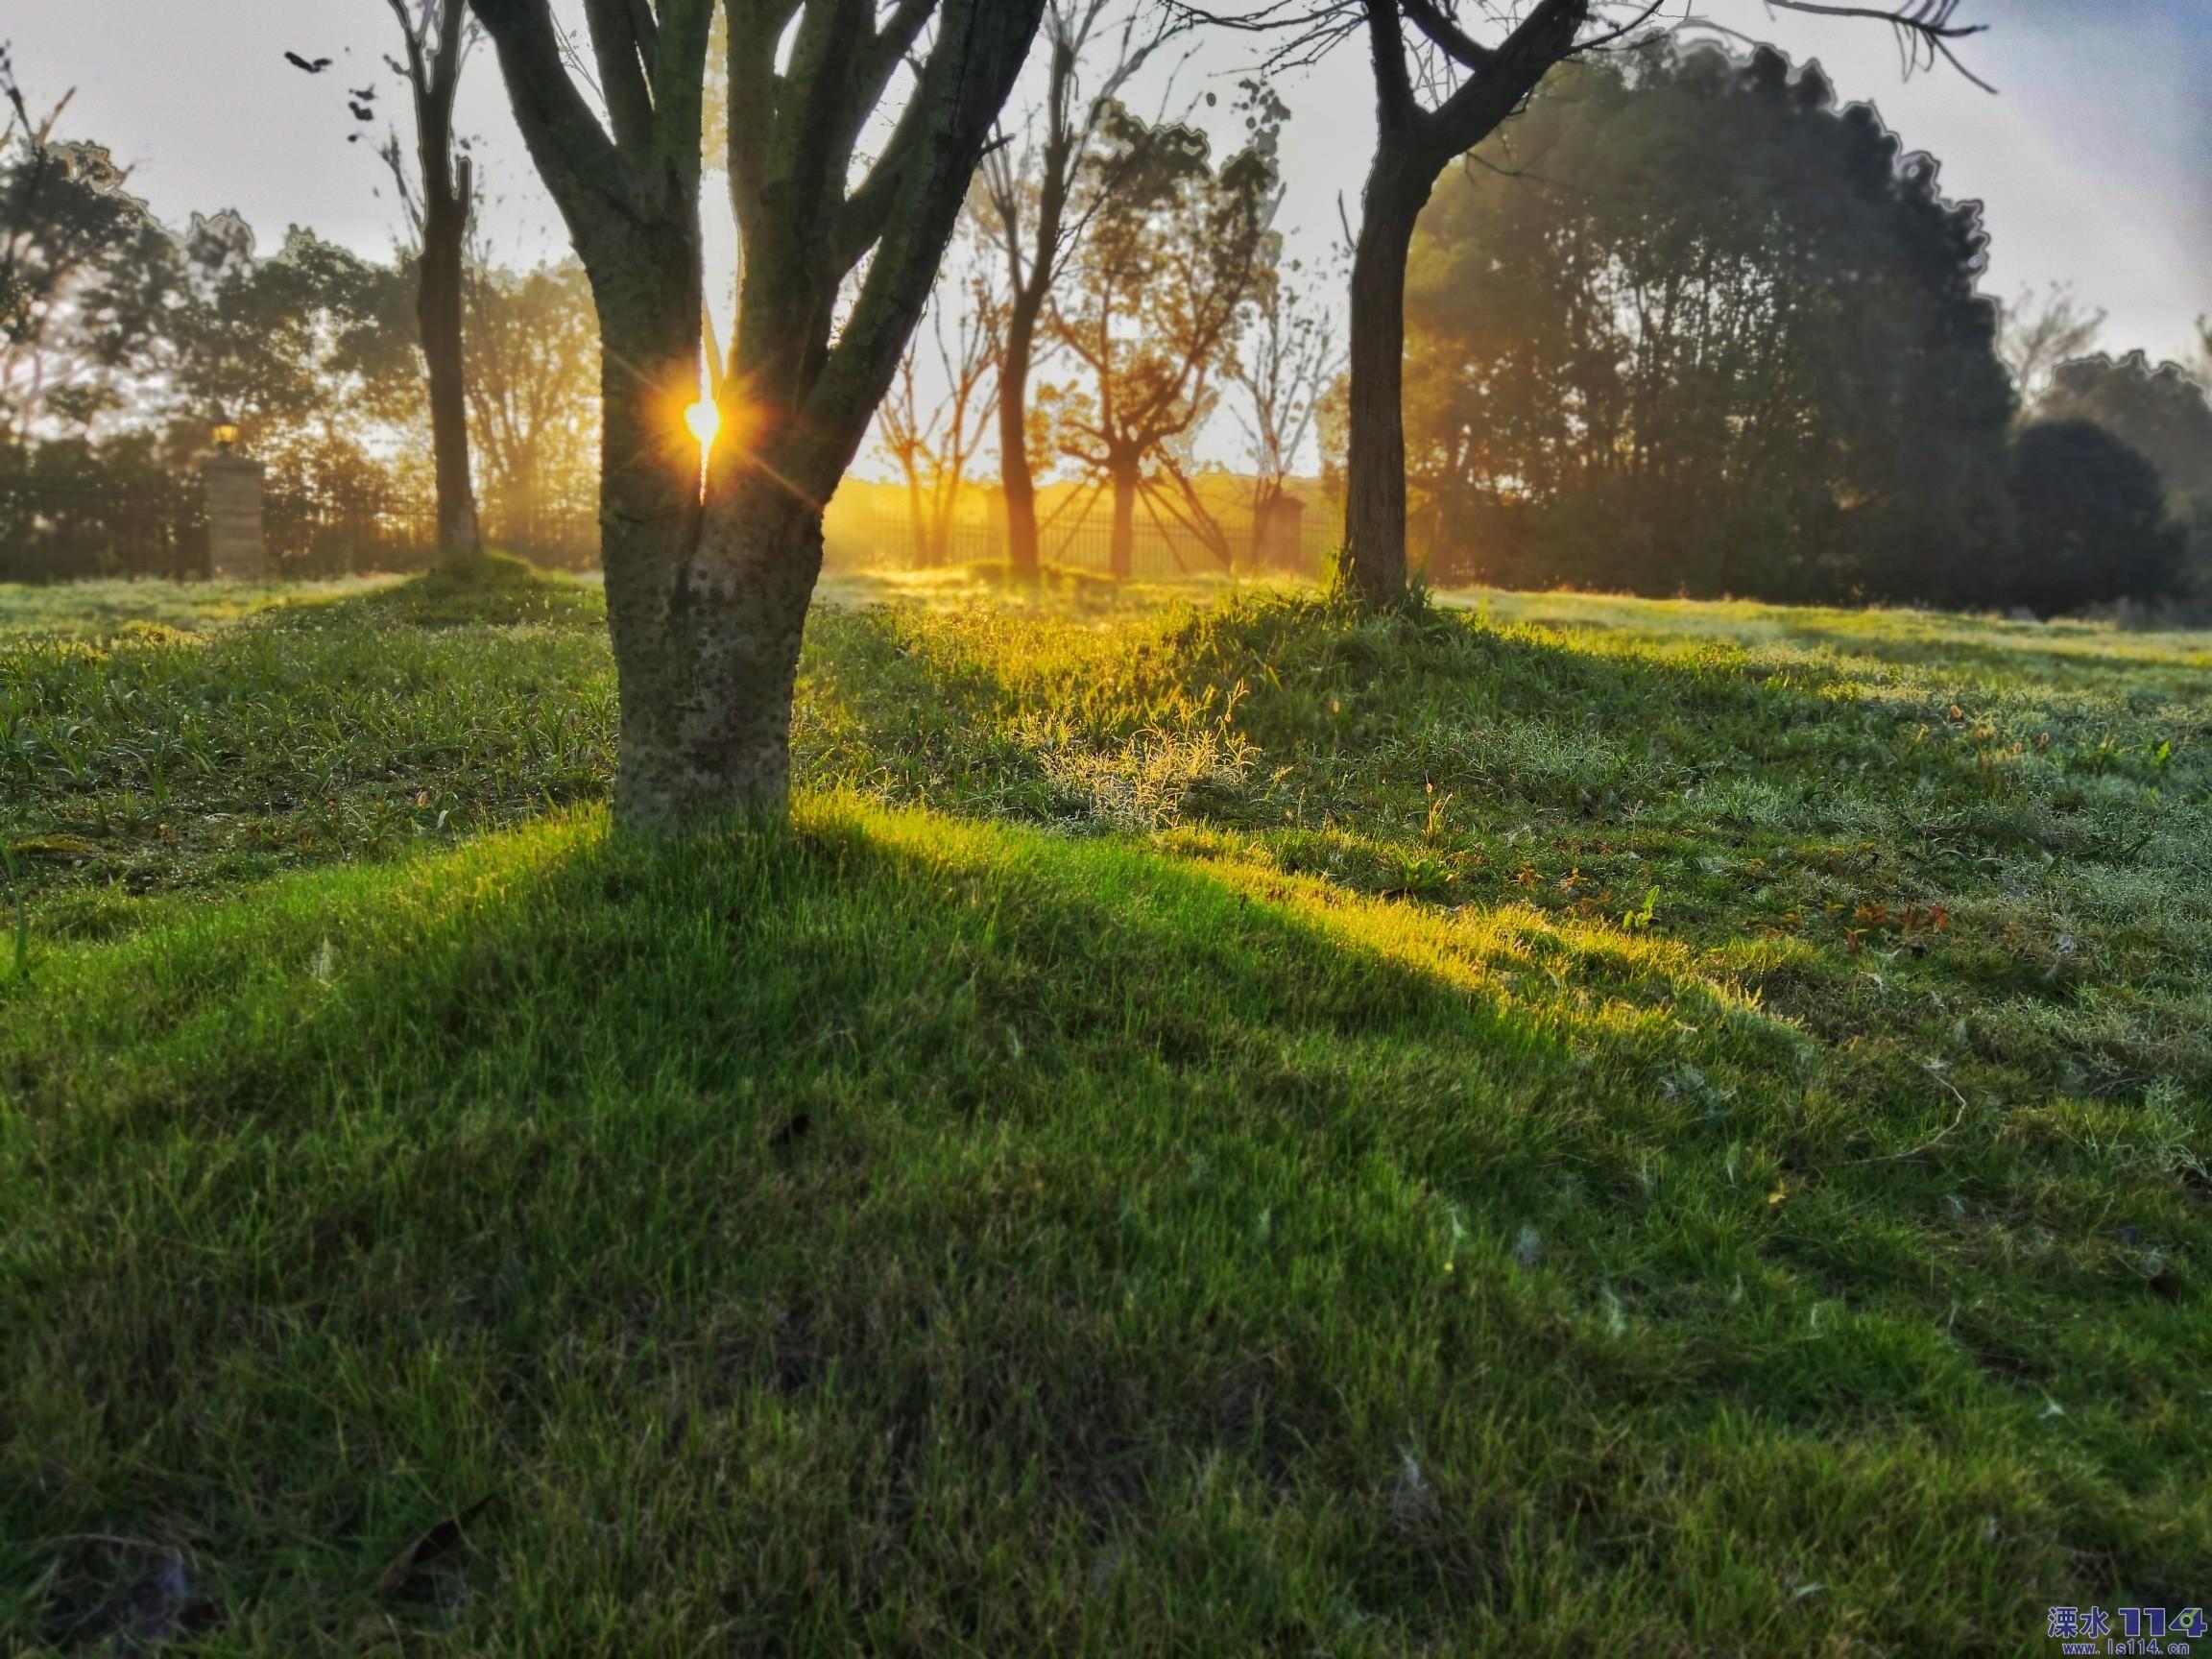 《当清晨第一缕阳光洒向大地时》